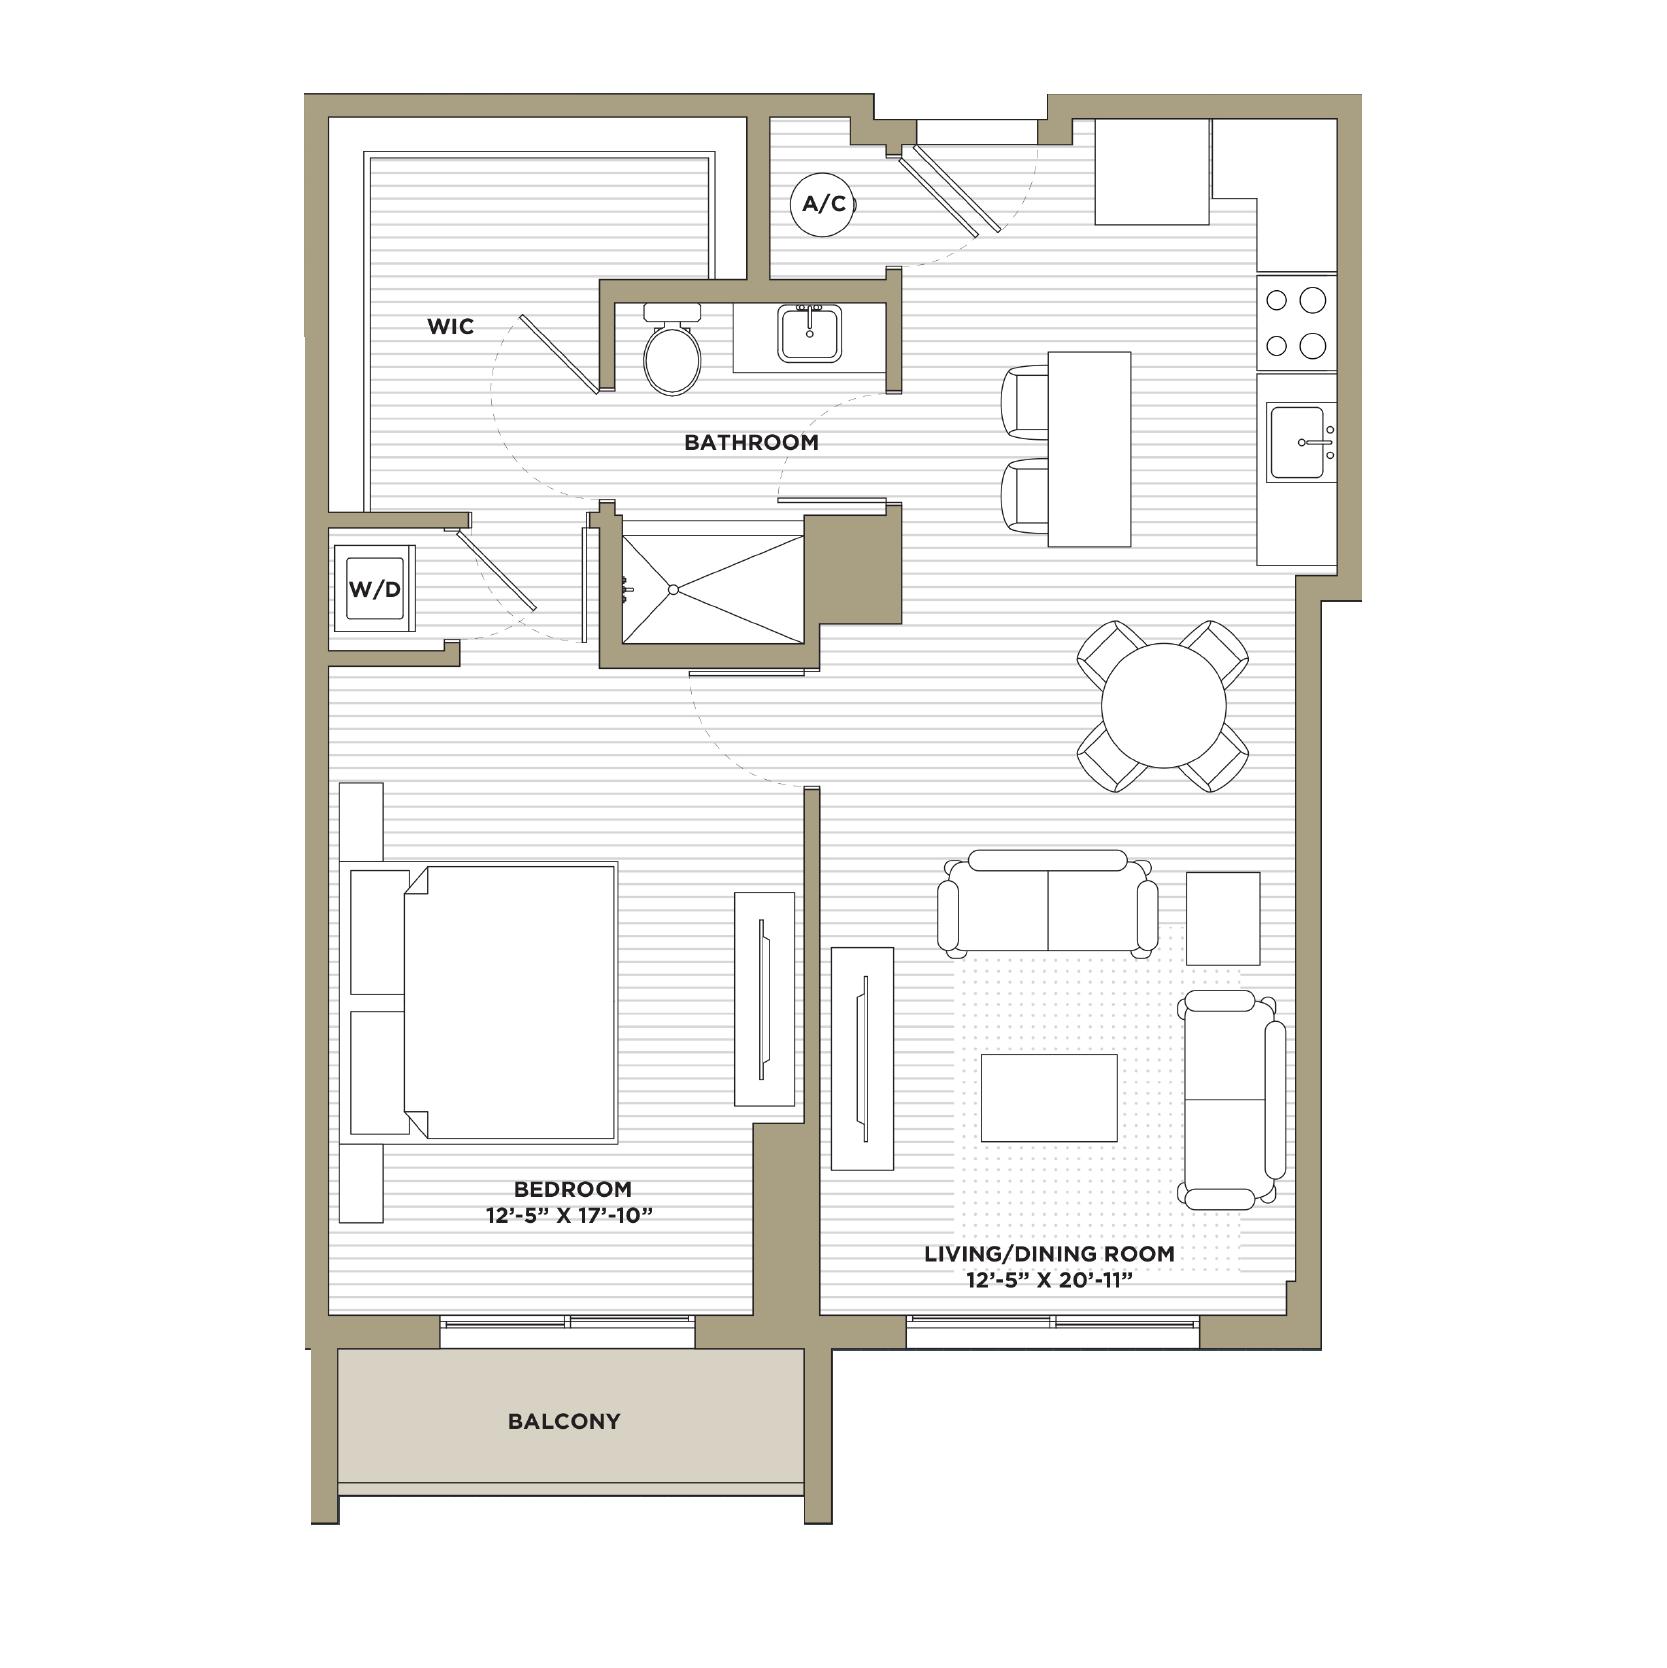 A12 - 1 Bedroom / 1 Bathroom816 sq. ft.